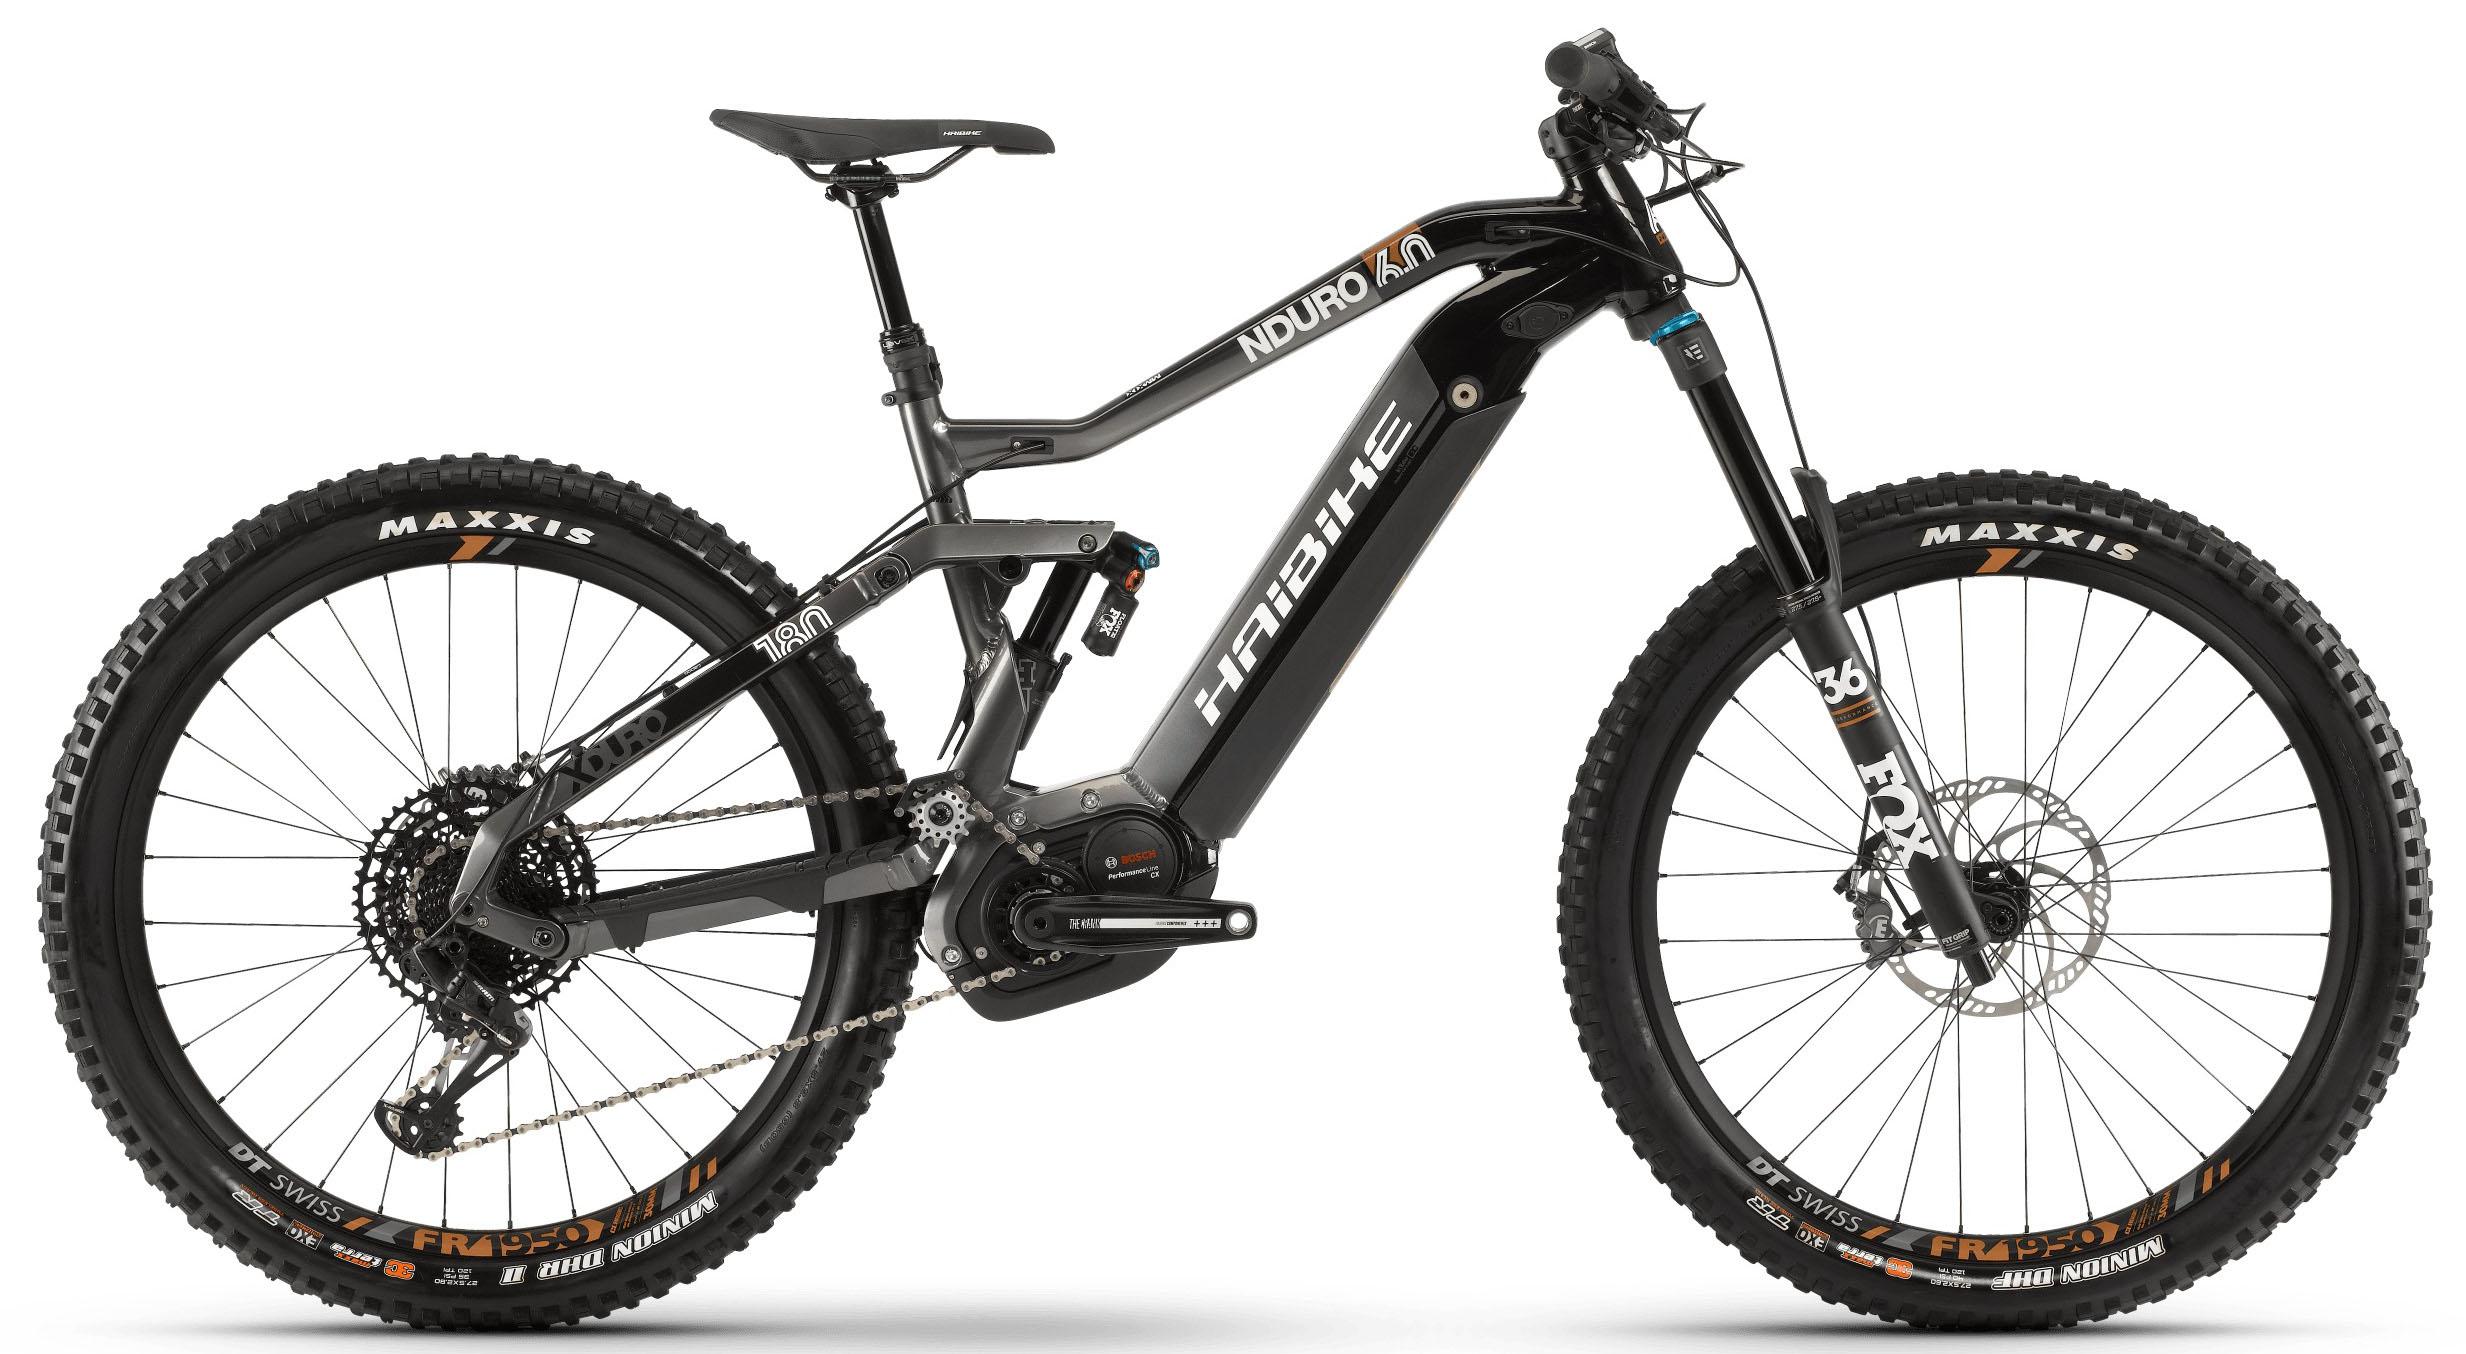 Велосипед Haibike XDURO Nduro 6.0 i500Wh 12-G GX Eagle 2019 велосипед haibike xduro race 2015